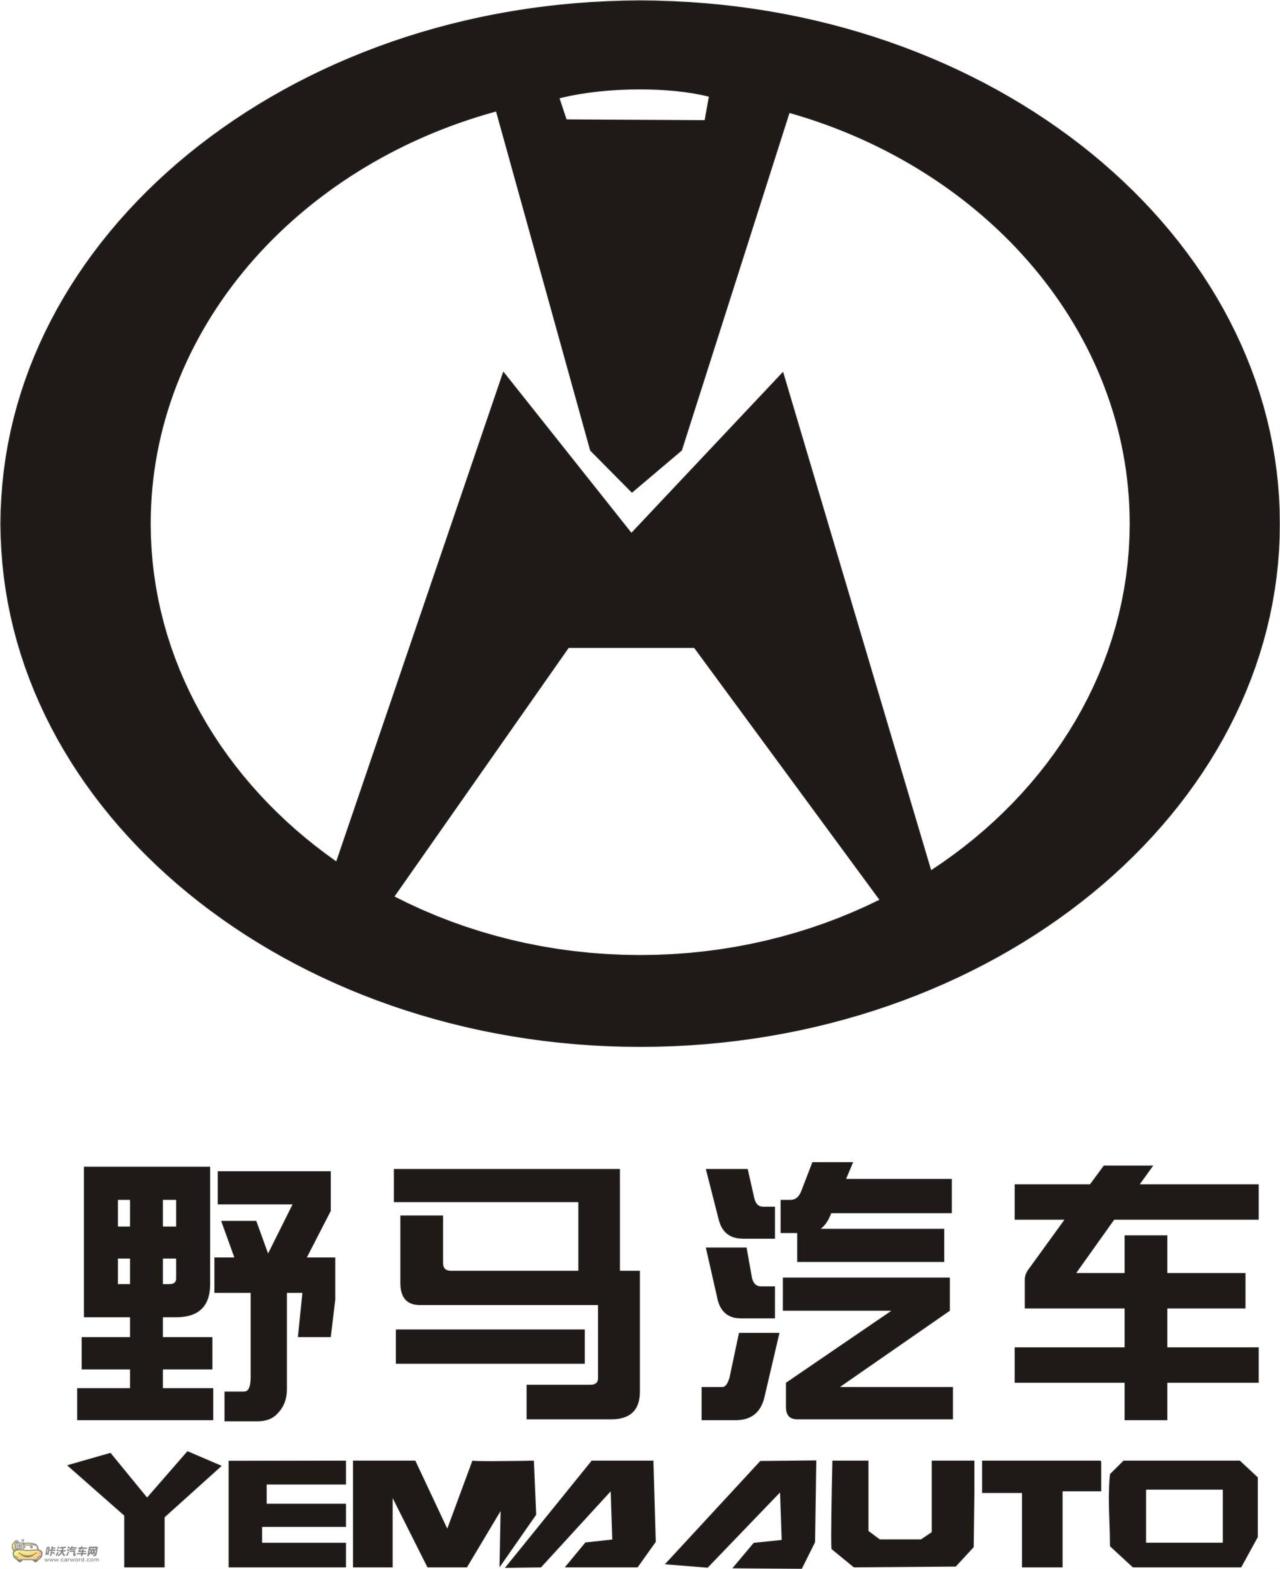 汽车logo白底素材